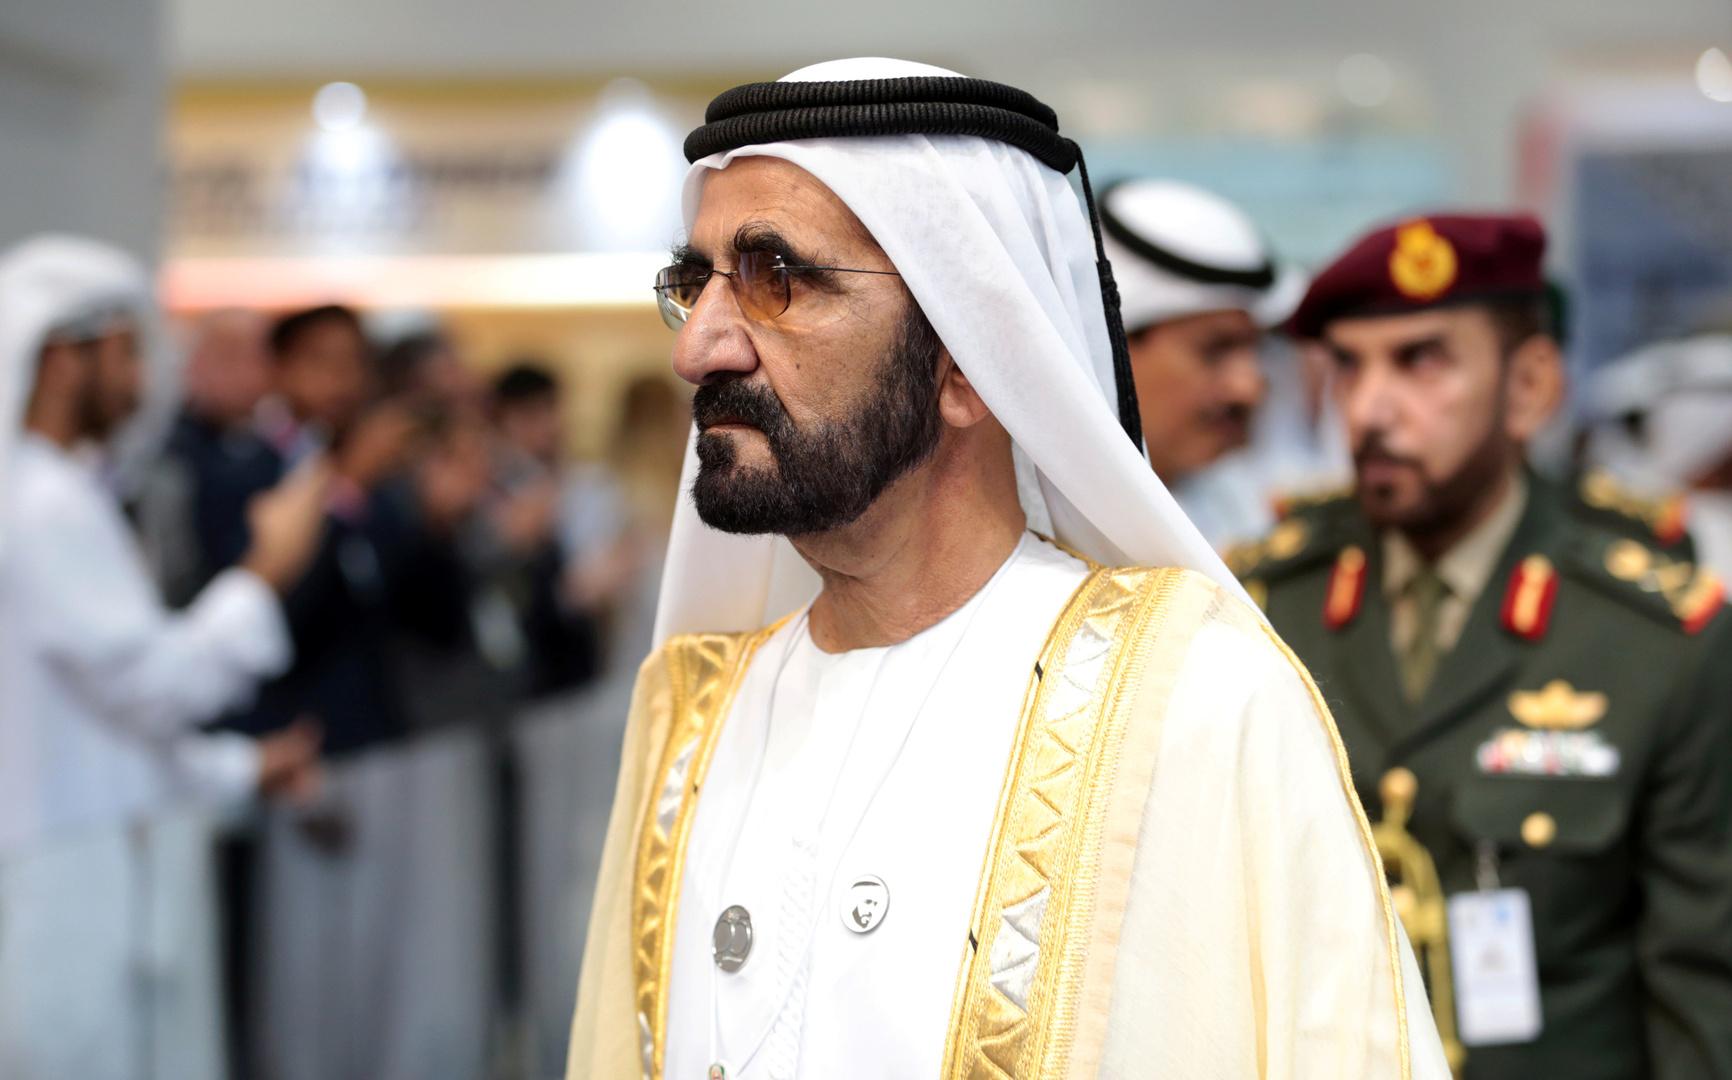 بن راشد يعلن عن اثنين من رواد الفضاء الإماراتيين الجدد منهما أول رائدة فضاء عربية